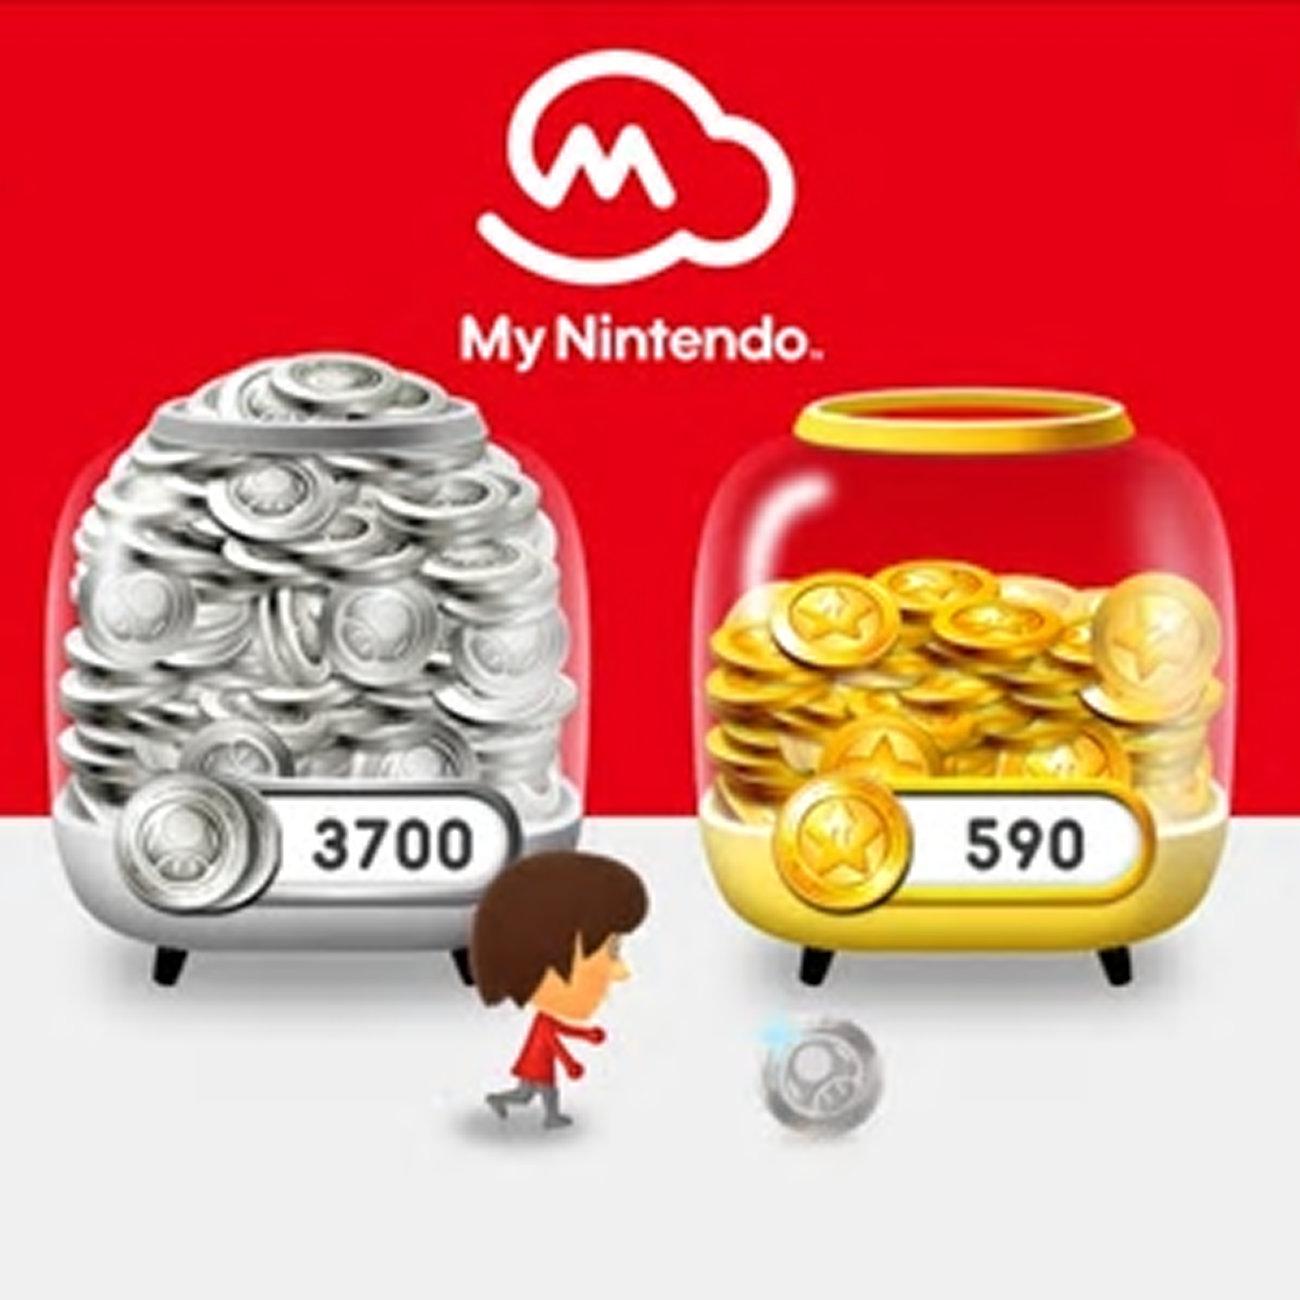 ニンテンドースイッチ、マイニンGoldポイントが1円